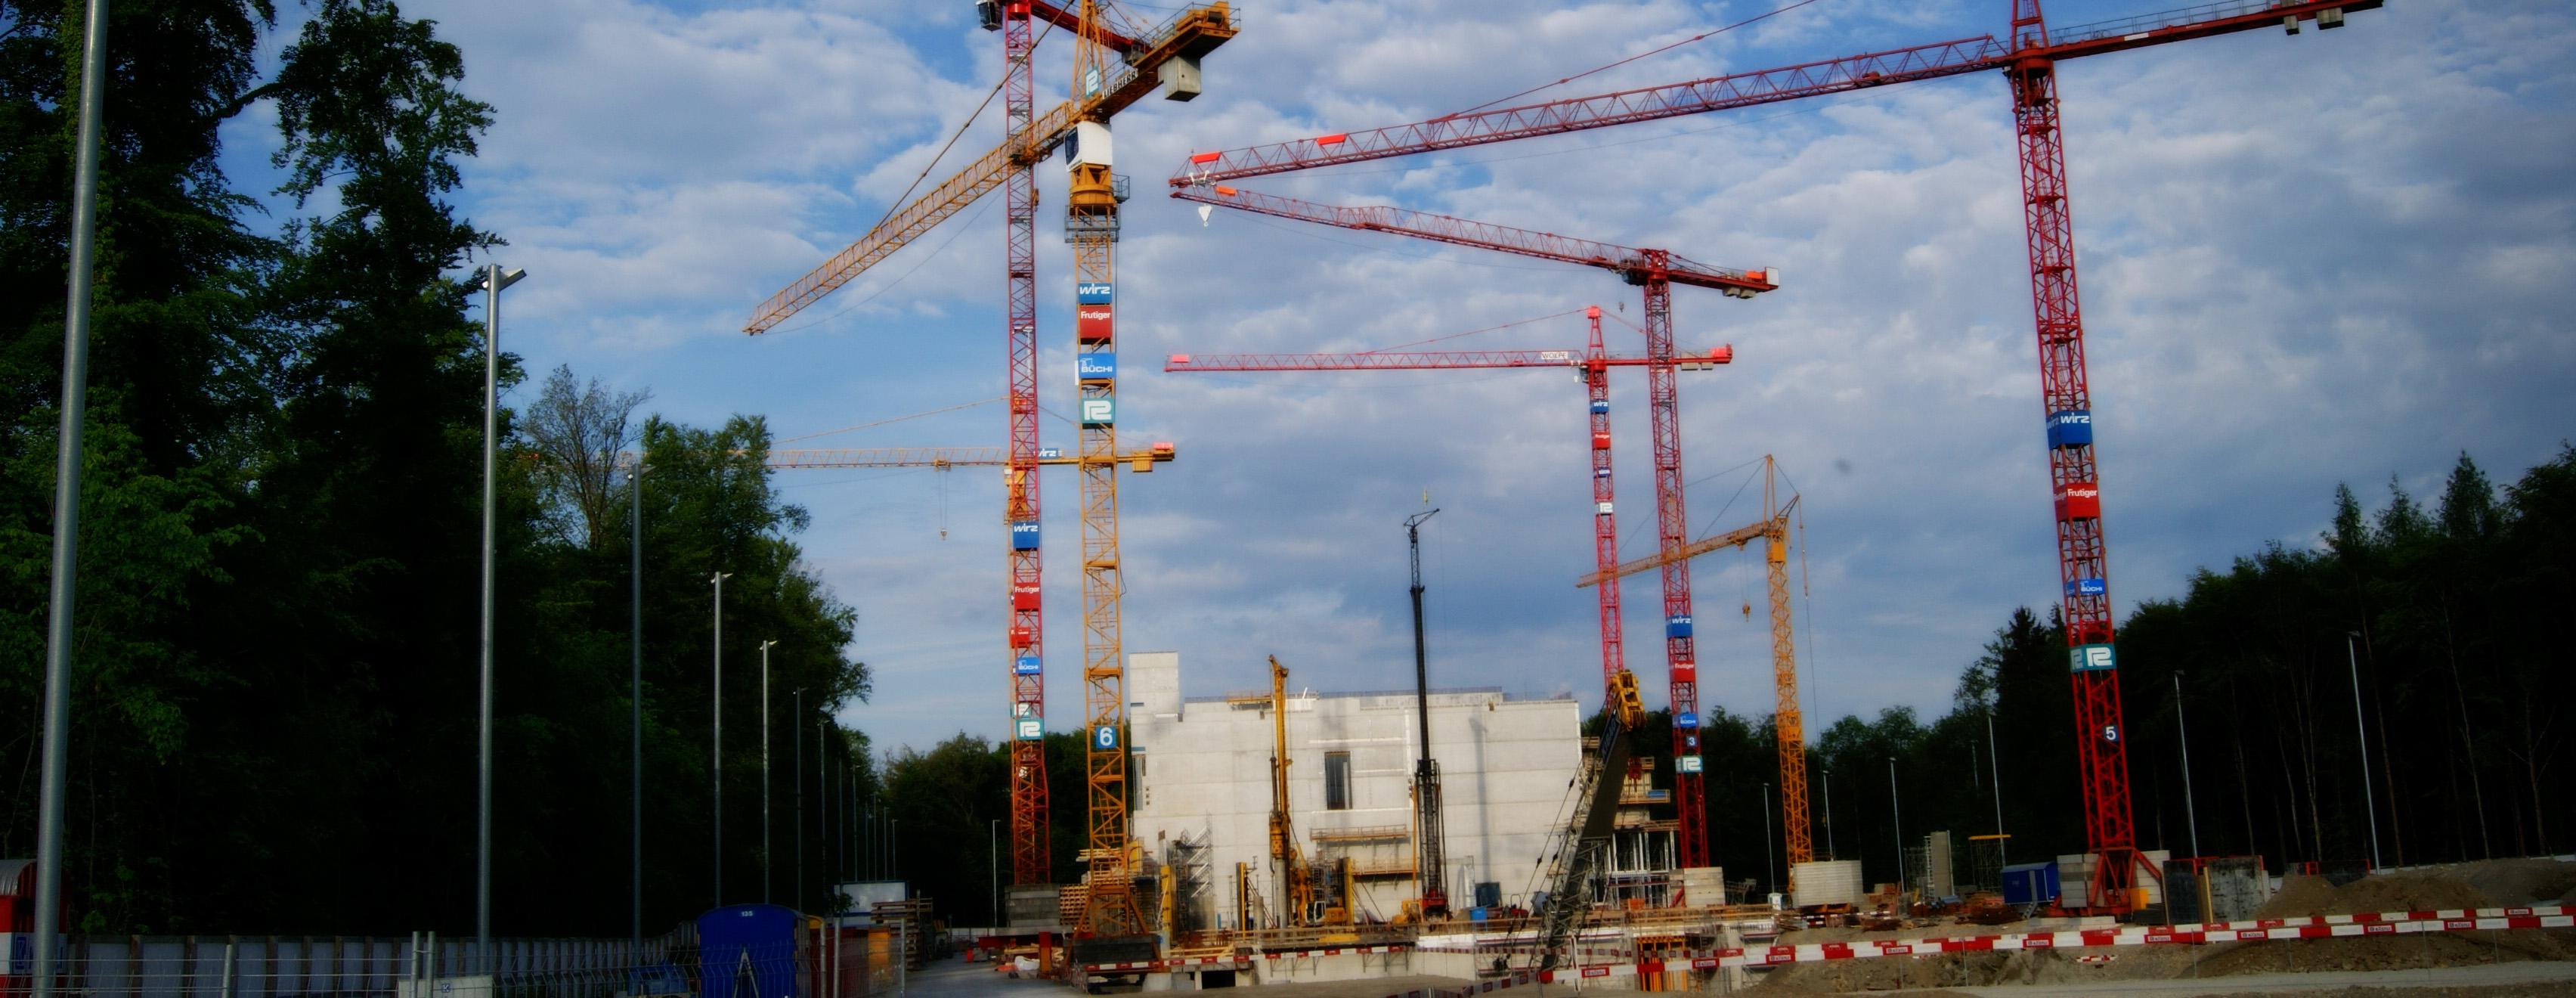 Baufirmen Köln beli bau bauunternehmen köln